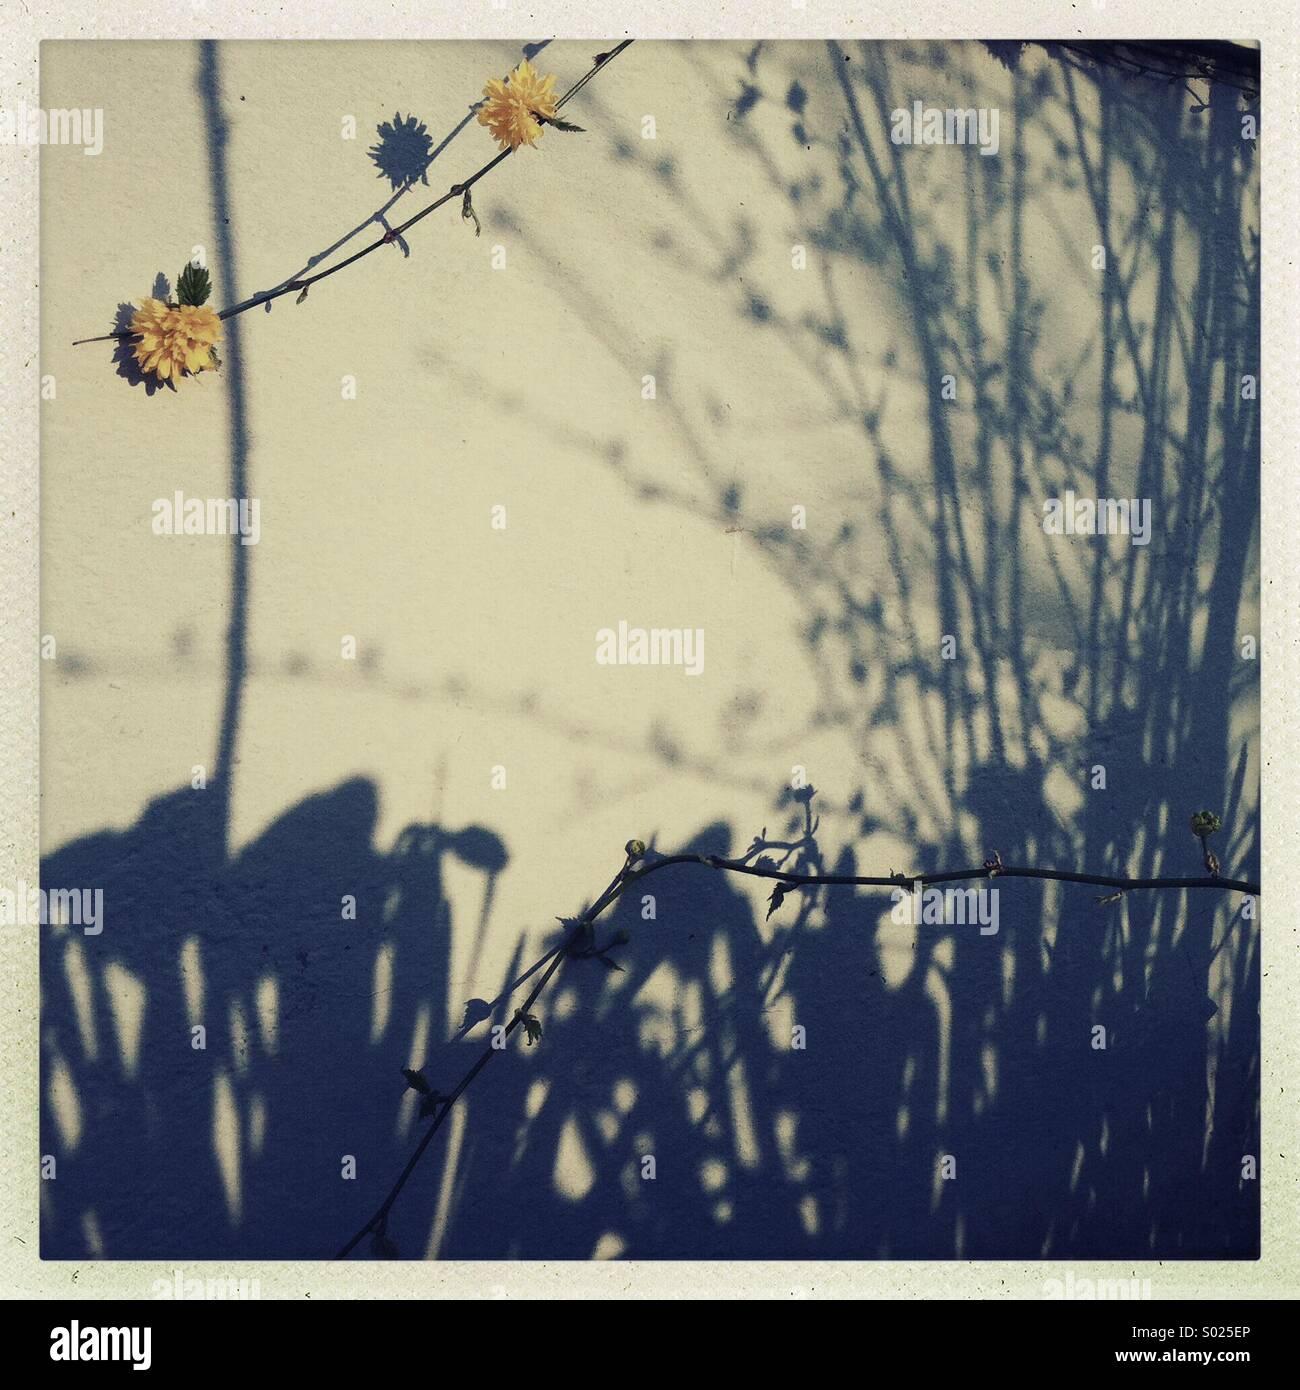 Am Nachmittag Schatten im zeitigen Frühjahr. Stockbild